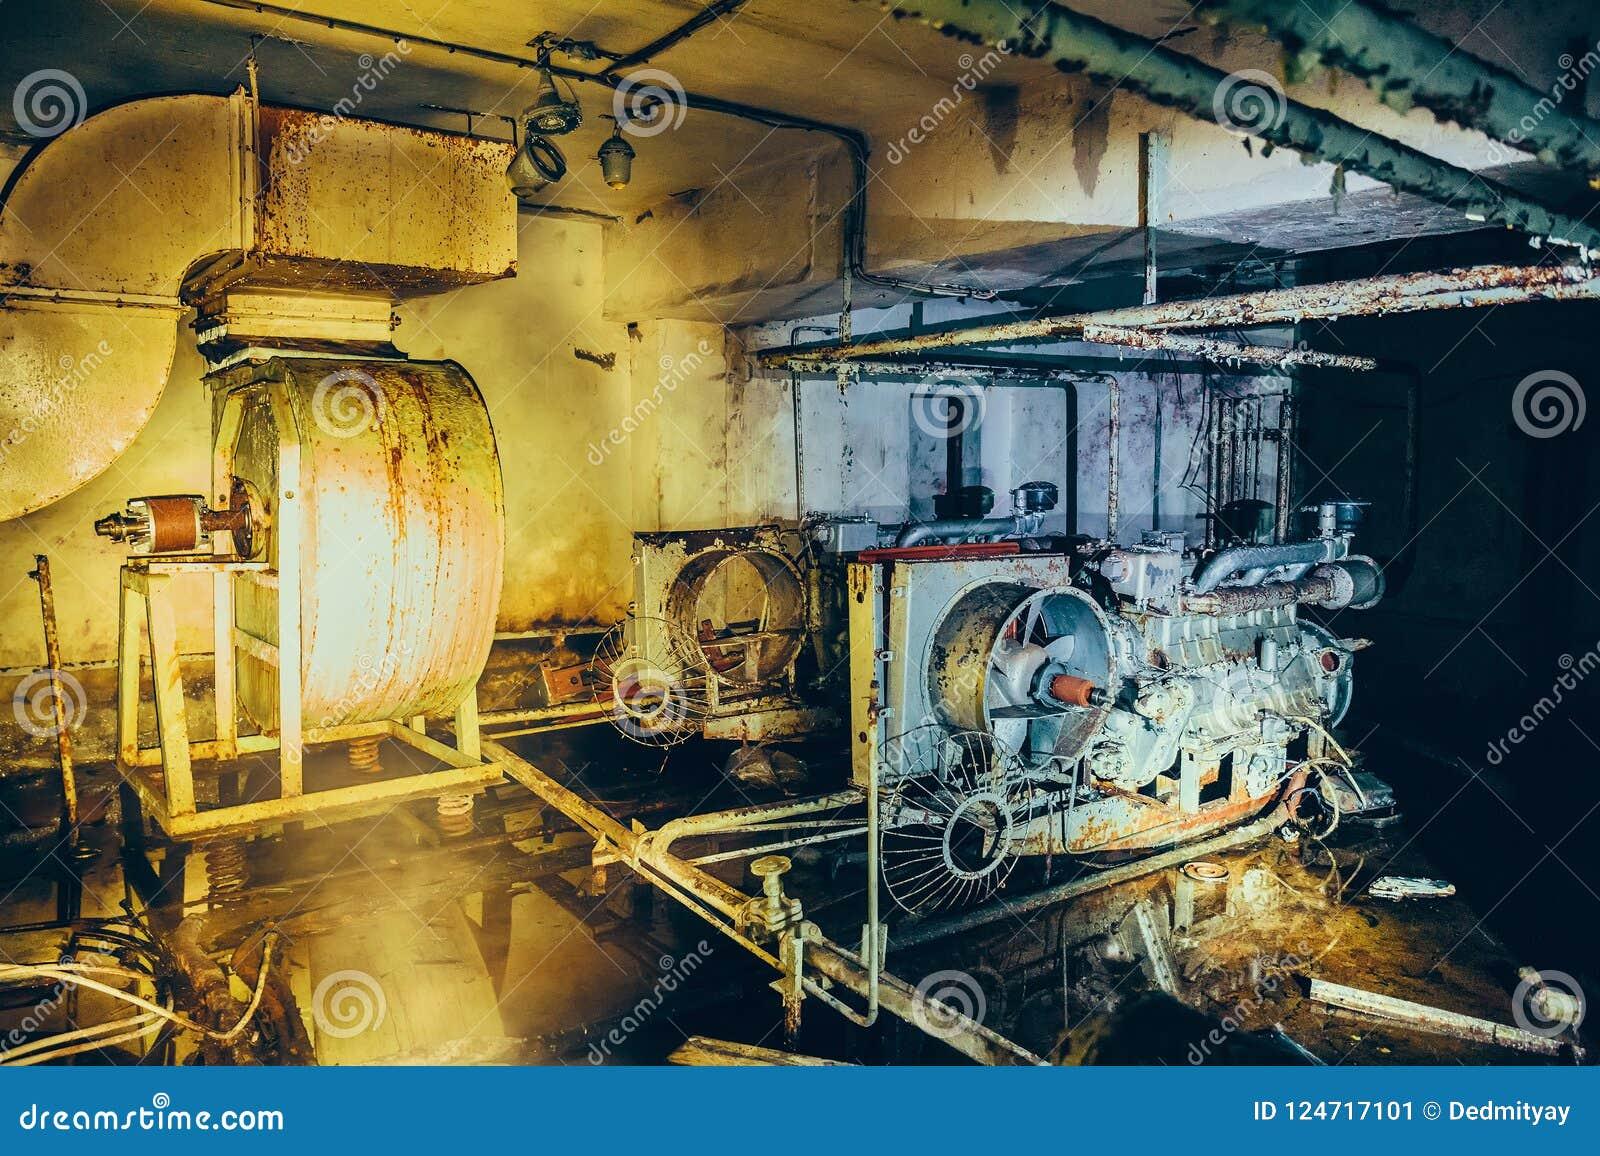 Старый ржавый тепловозный генератор фильтрации и системы вентиляции воздуха в покинутом советском бункере